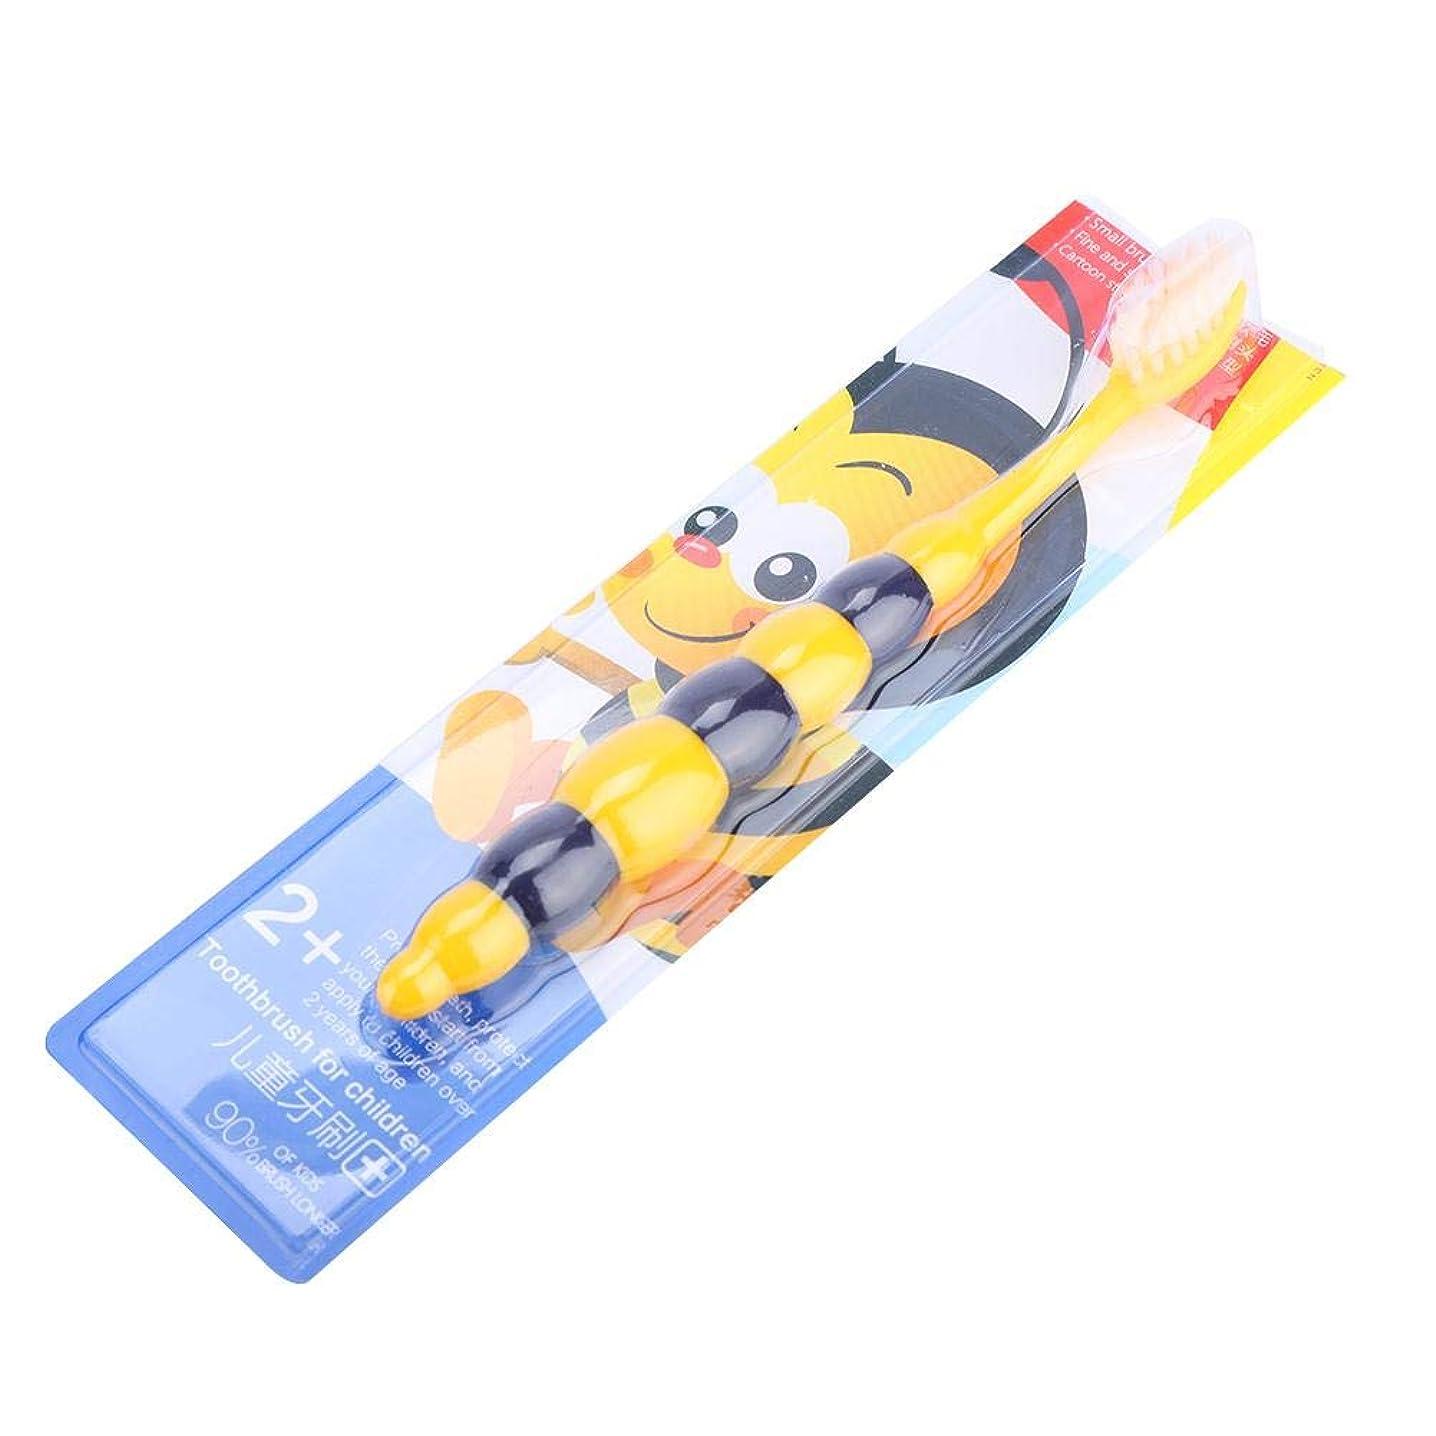 巧みな腹痛欲求不満歯ブラシの子供の柔らかい毛のかわいい口頭心配用具